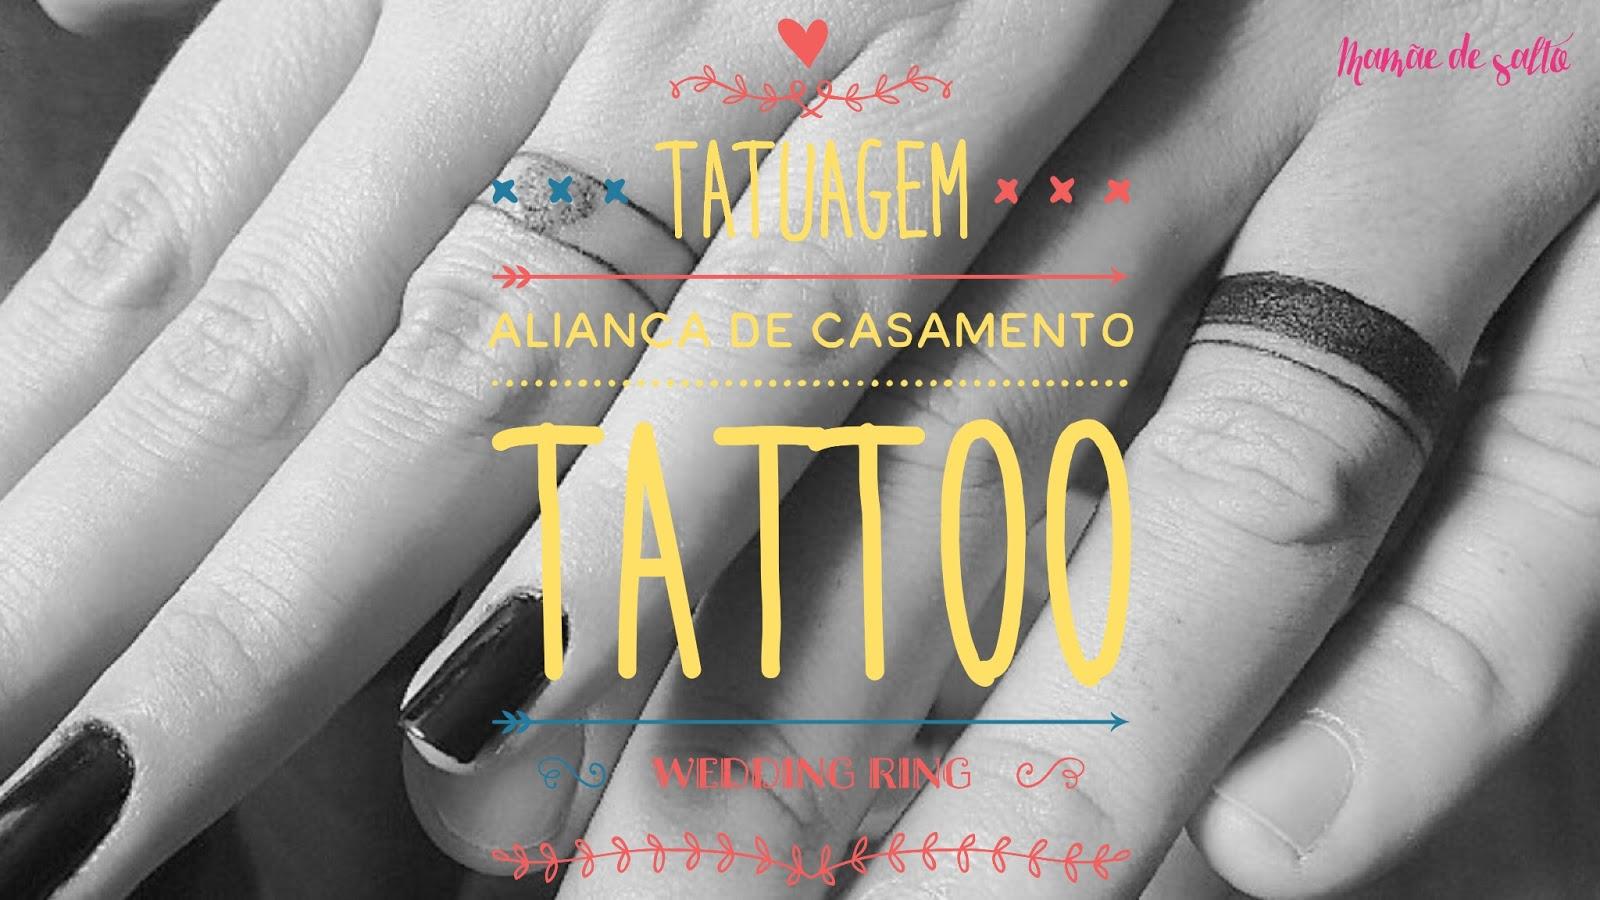 tatuagem aliança de casamento / tattoo wedding ring ... blog Mamãe de Salto